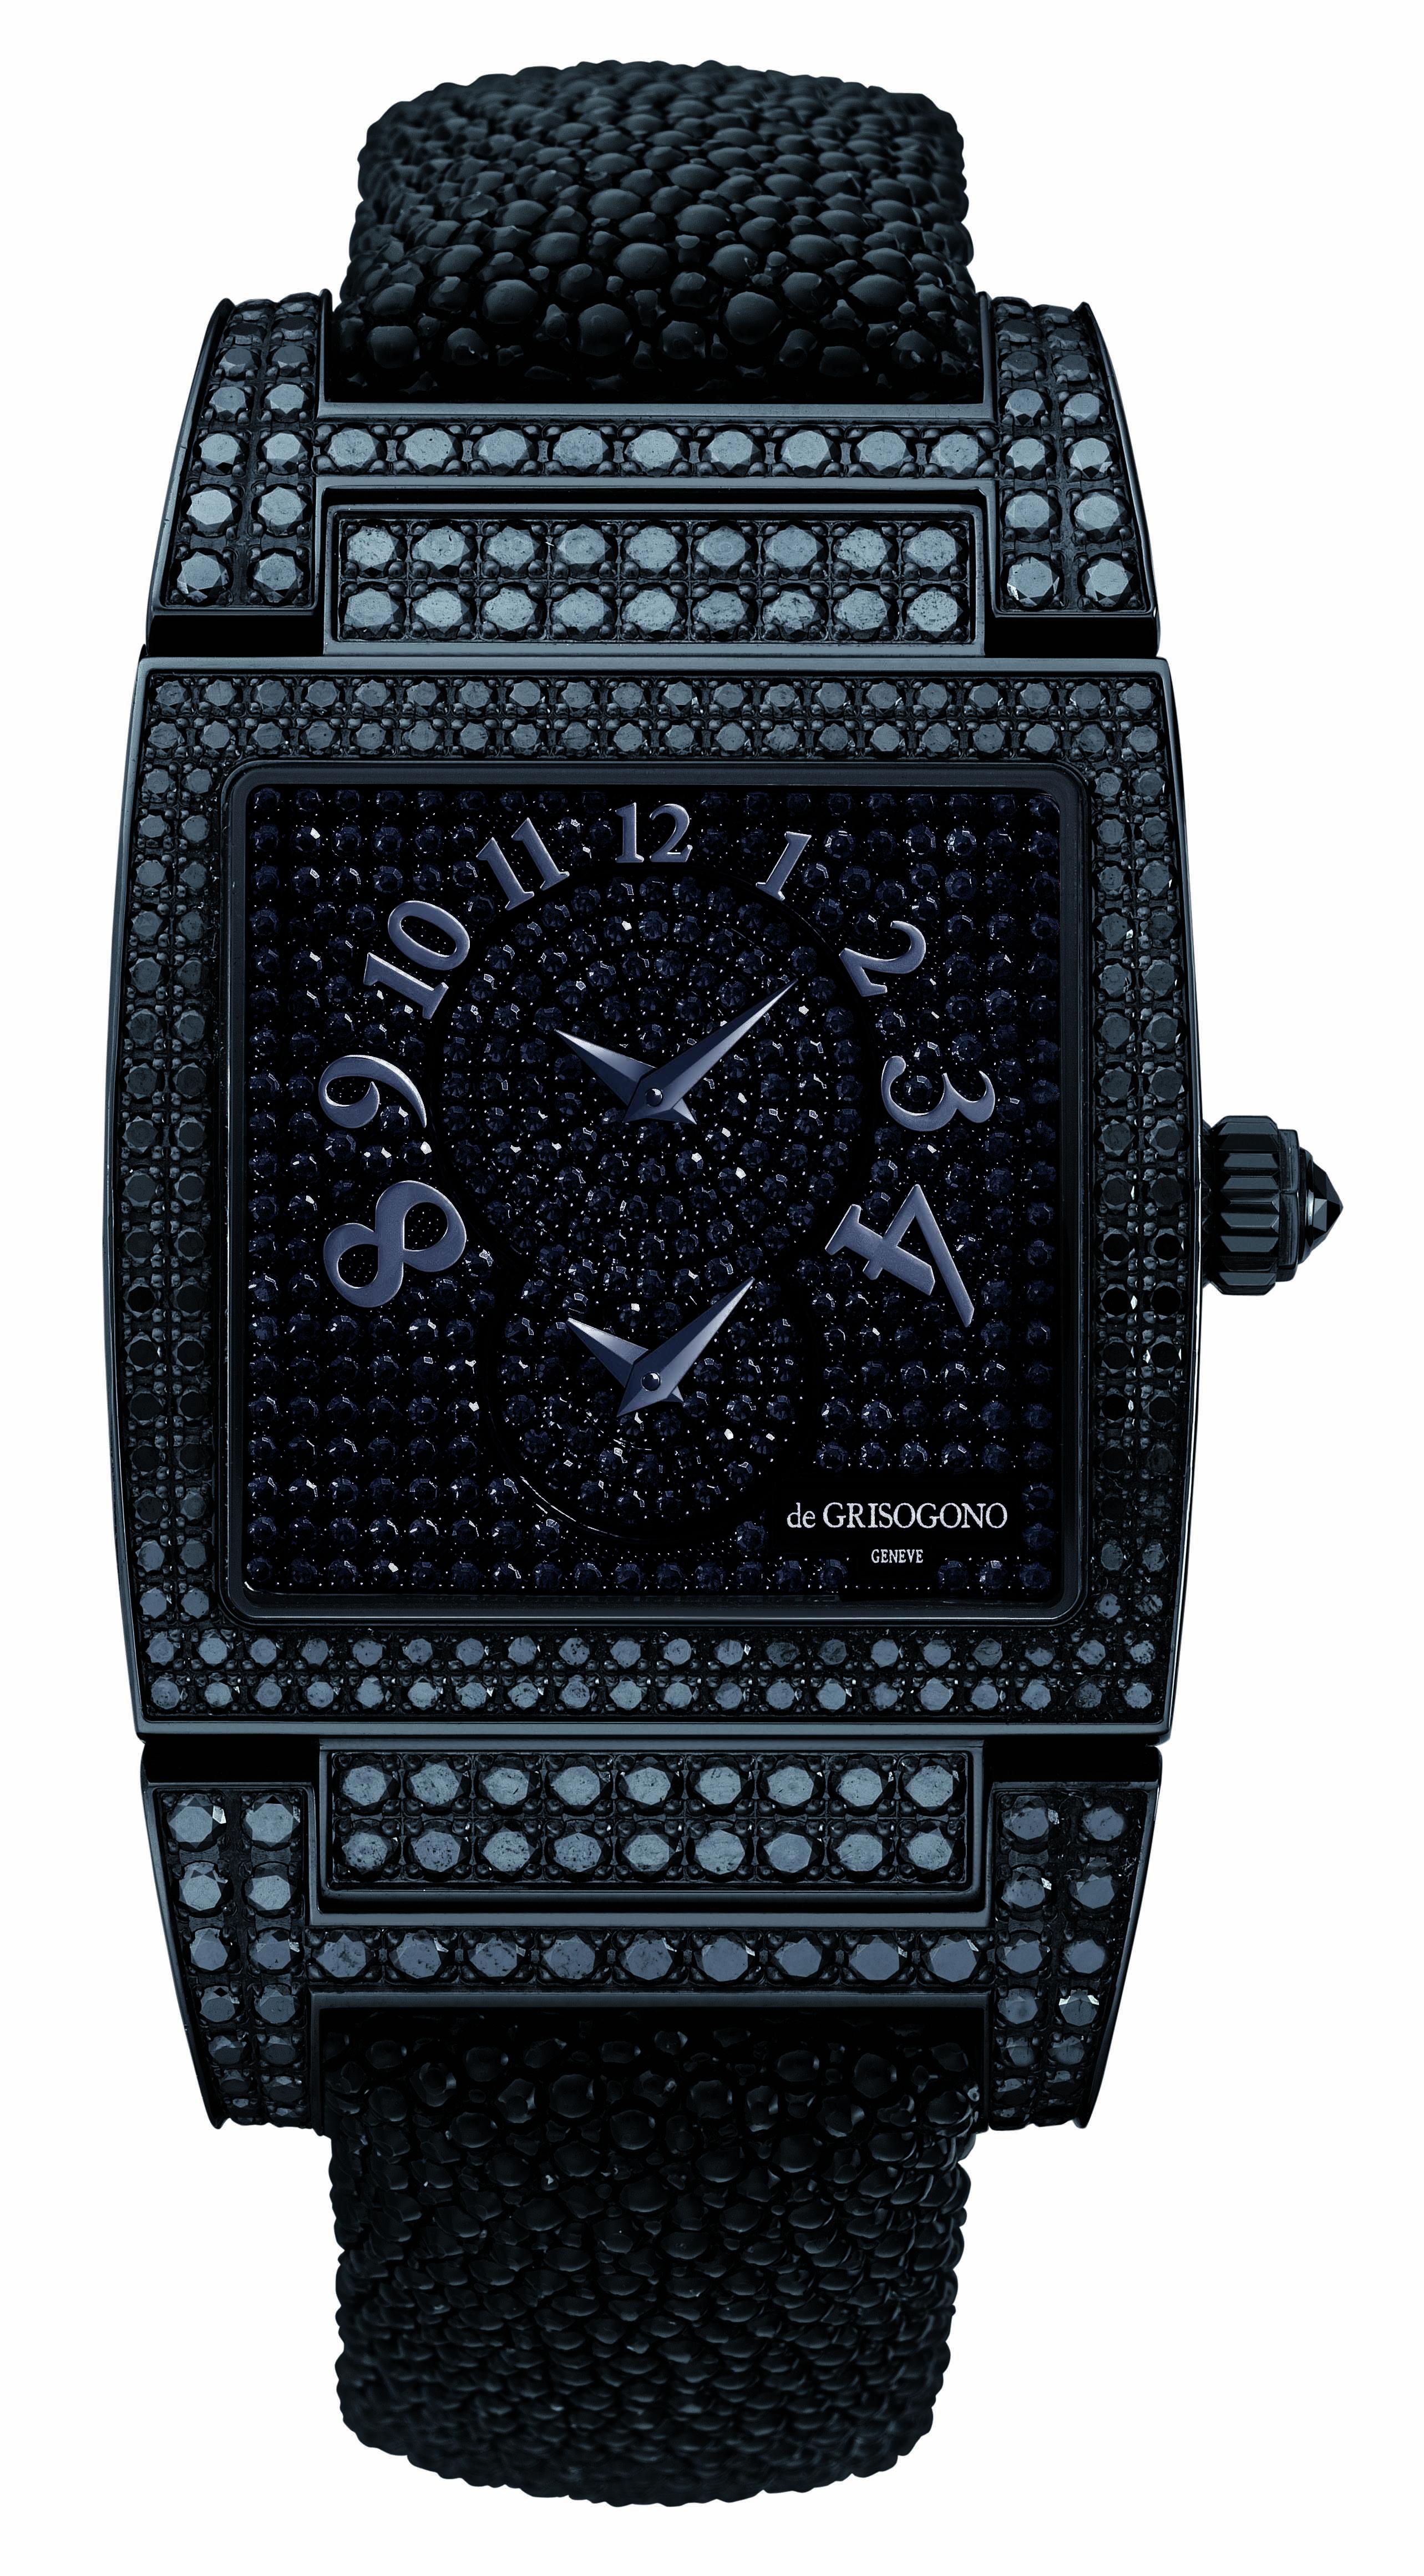 Ломбард grisogono часы купить de корс оригинала майкл часы стоимость